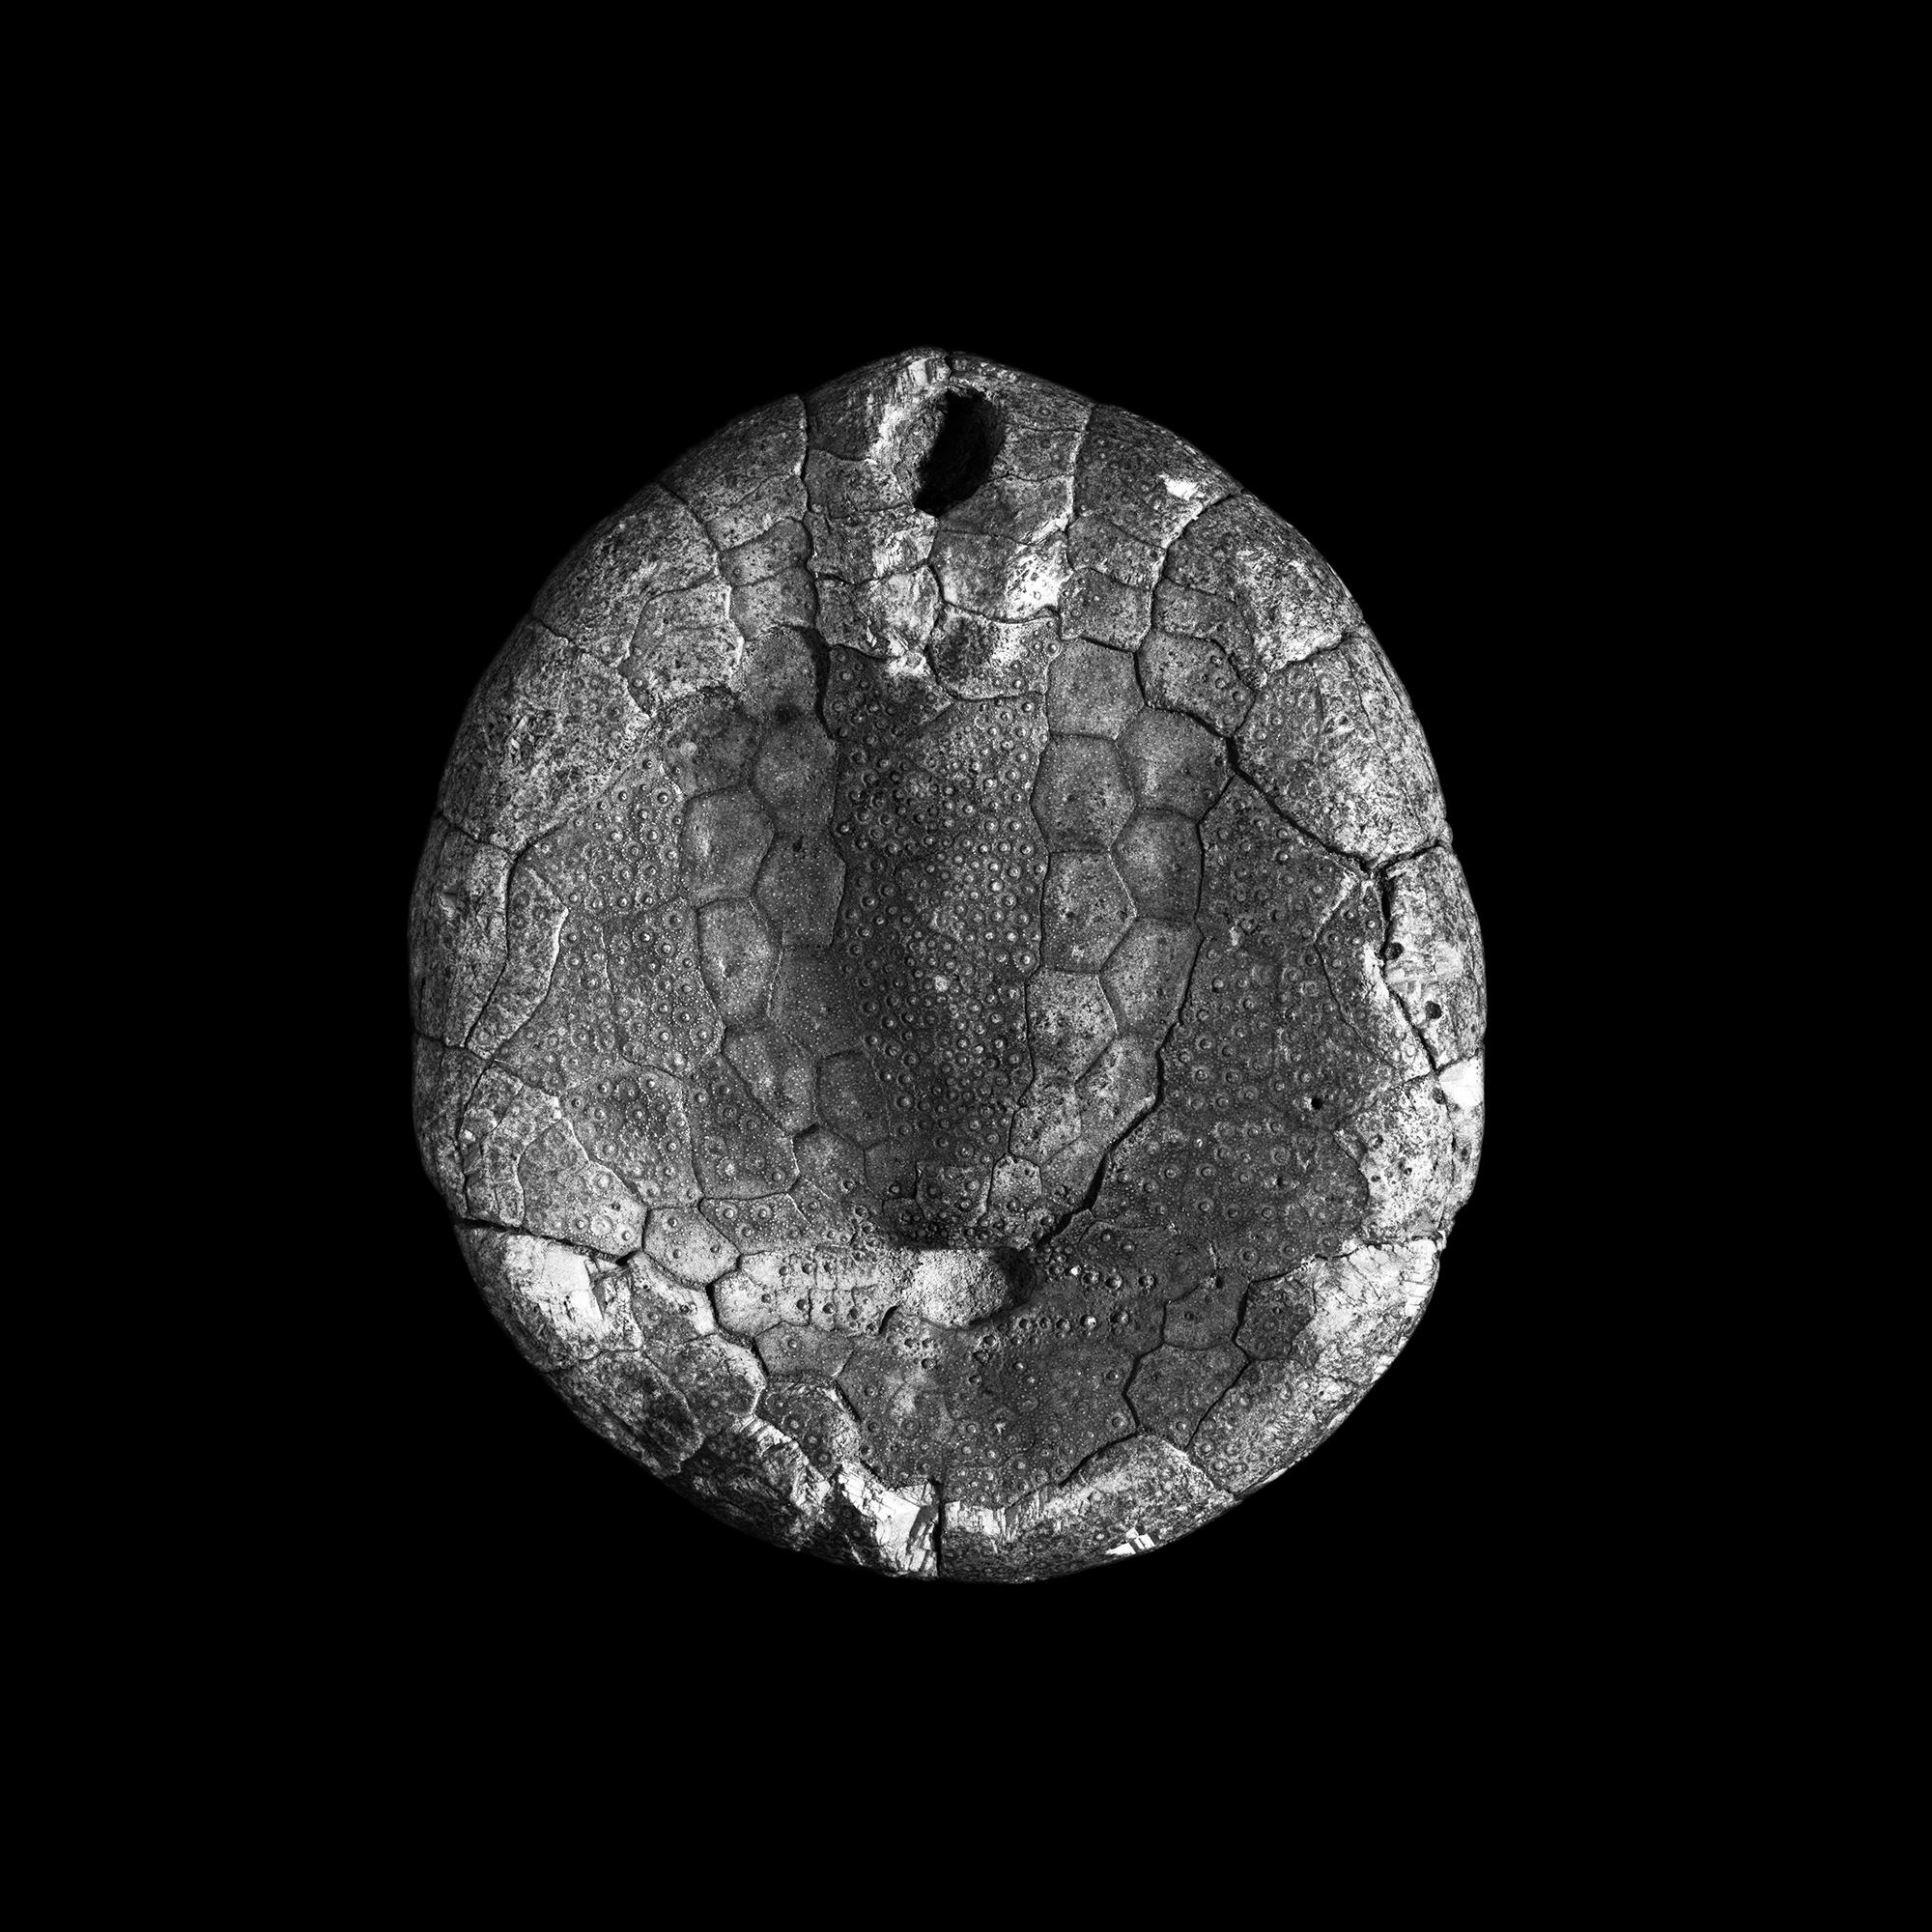 FU Fossils_34_02.jpg